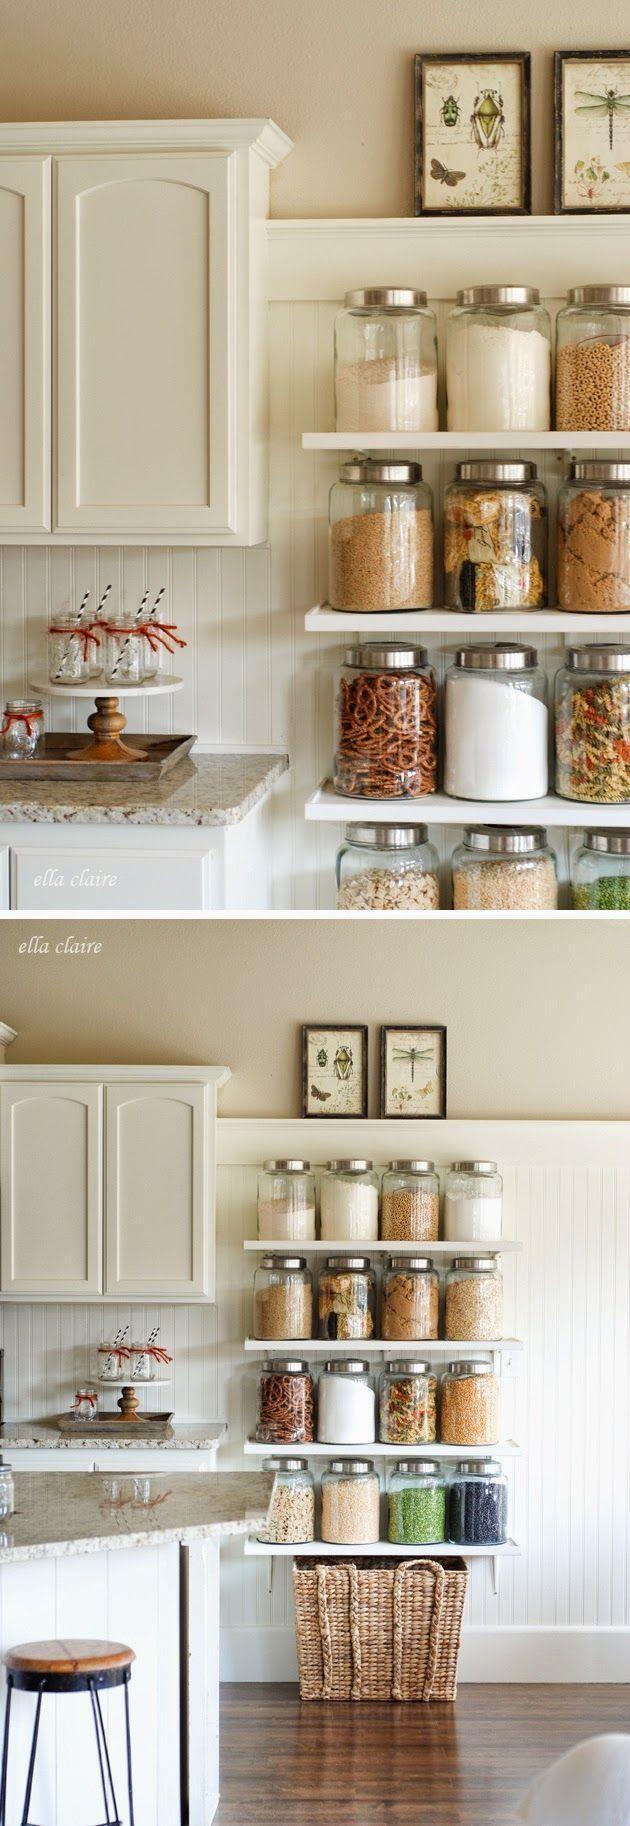 Id id ideas de cocina de los pa ses de bricolaje - Diy Kitchen Shelves